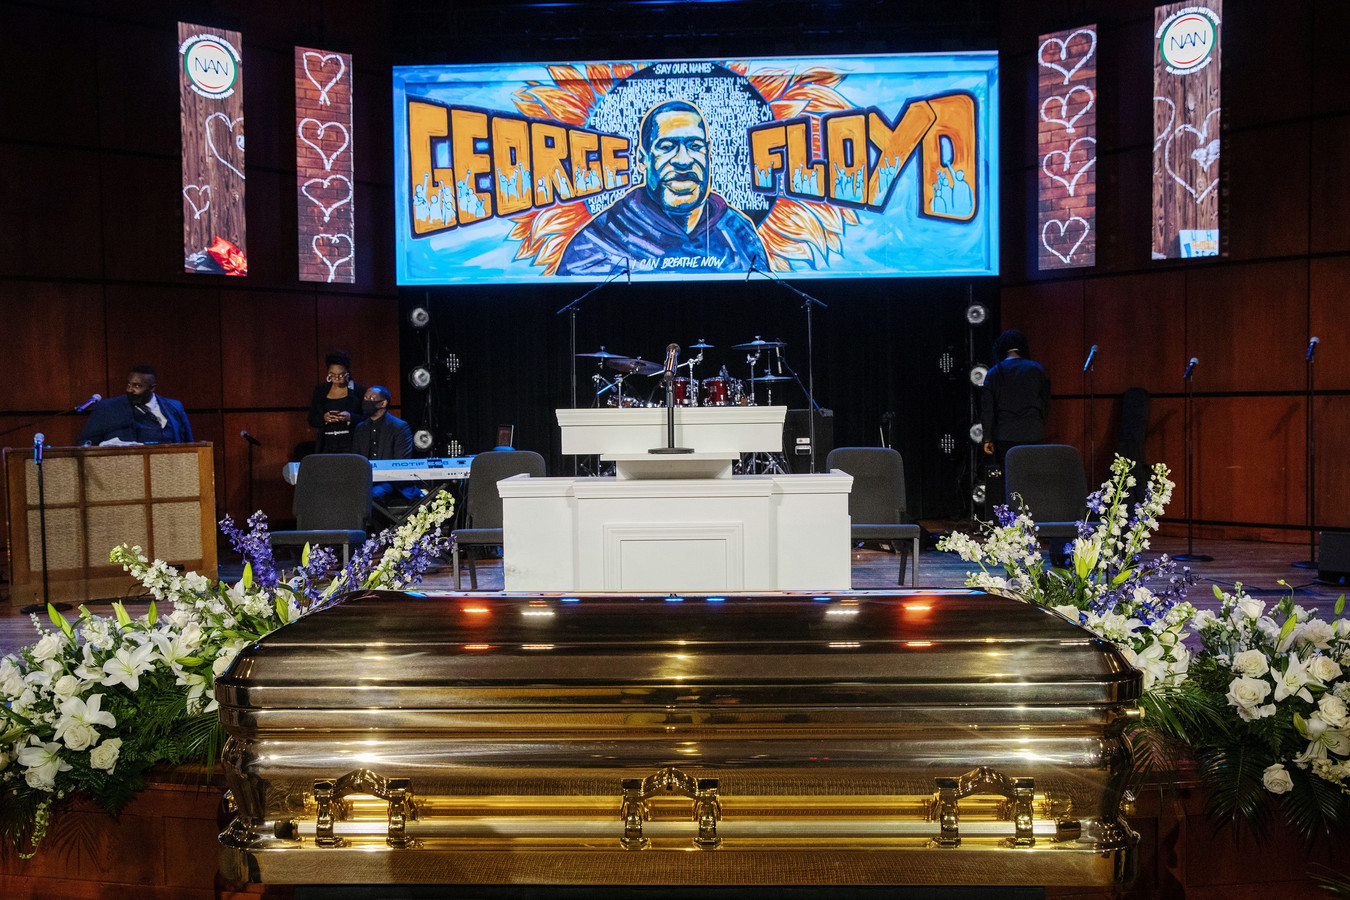 Op een scherm in de kapel werden afbeeldingen van George Floyd vertoond.